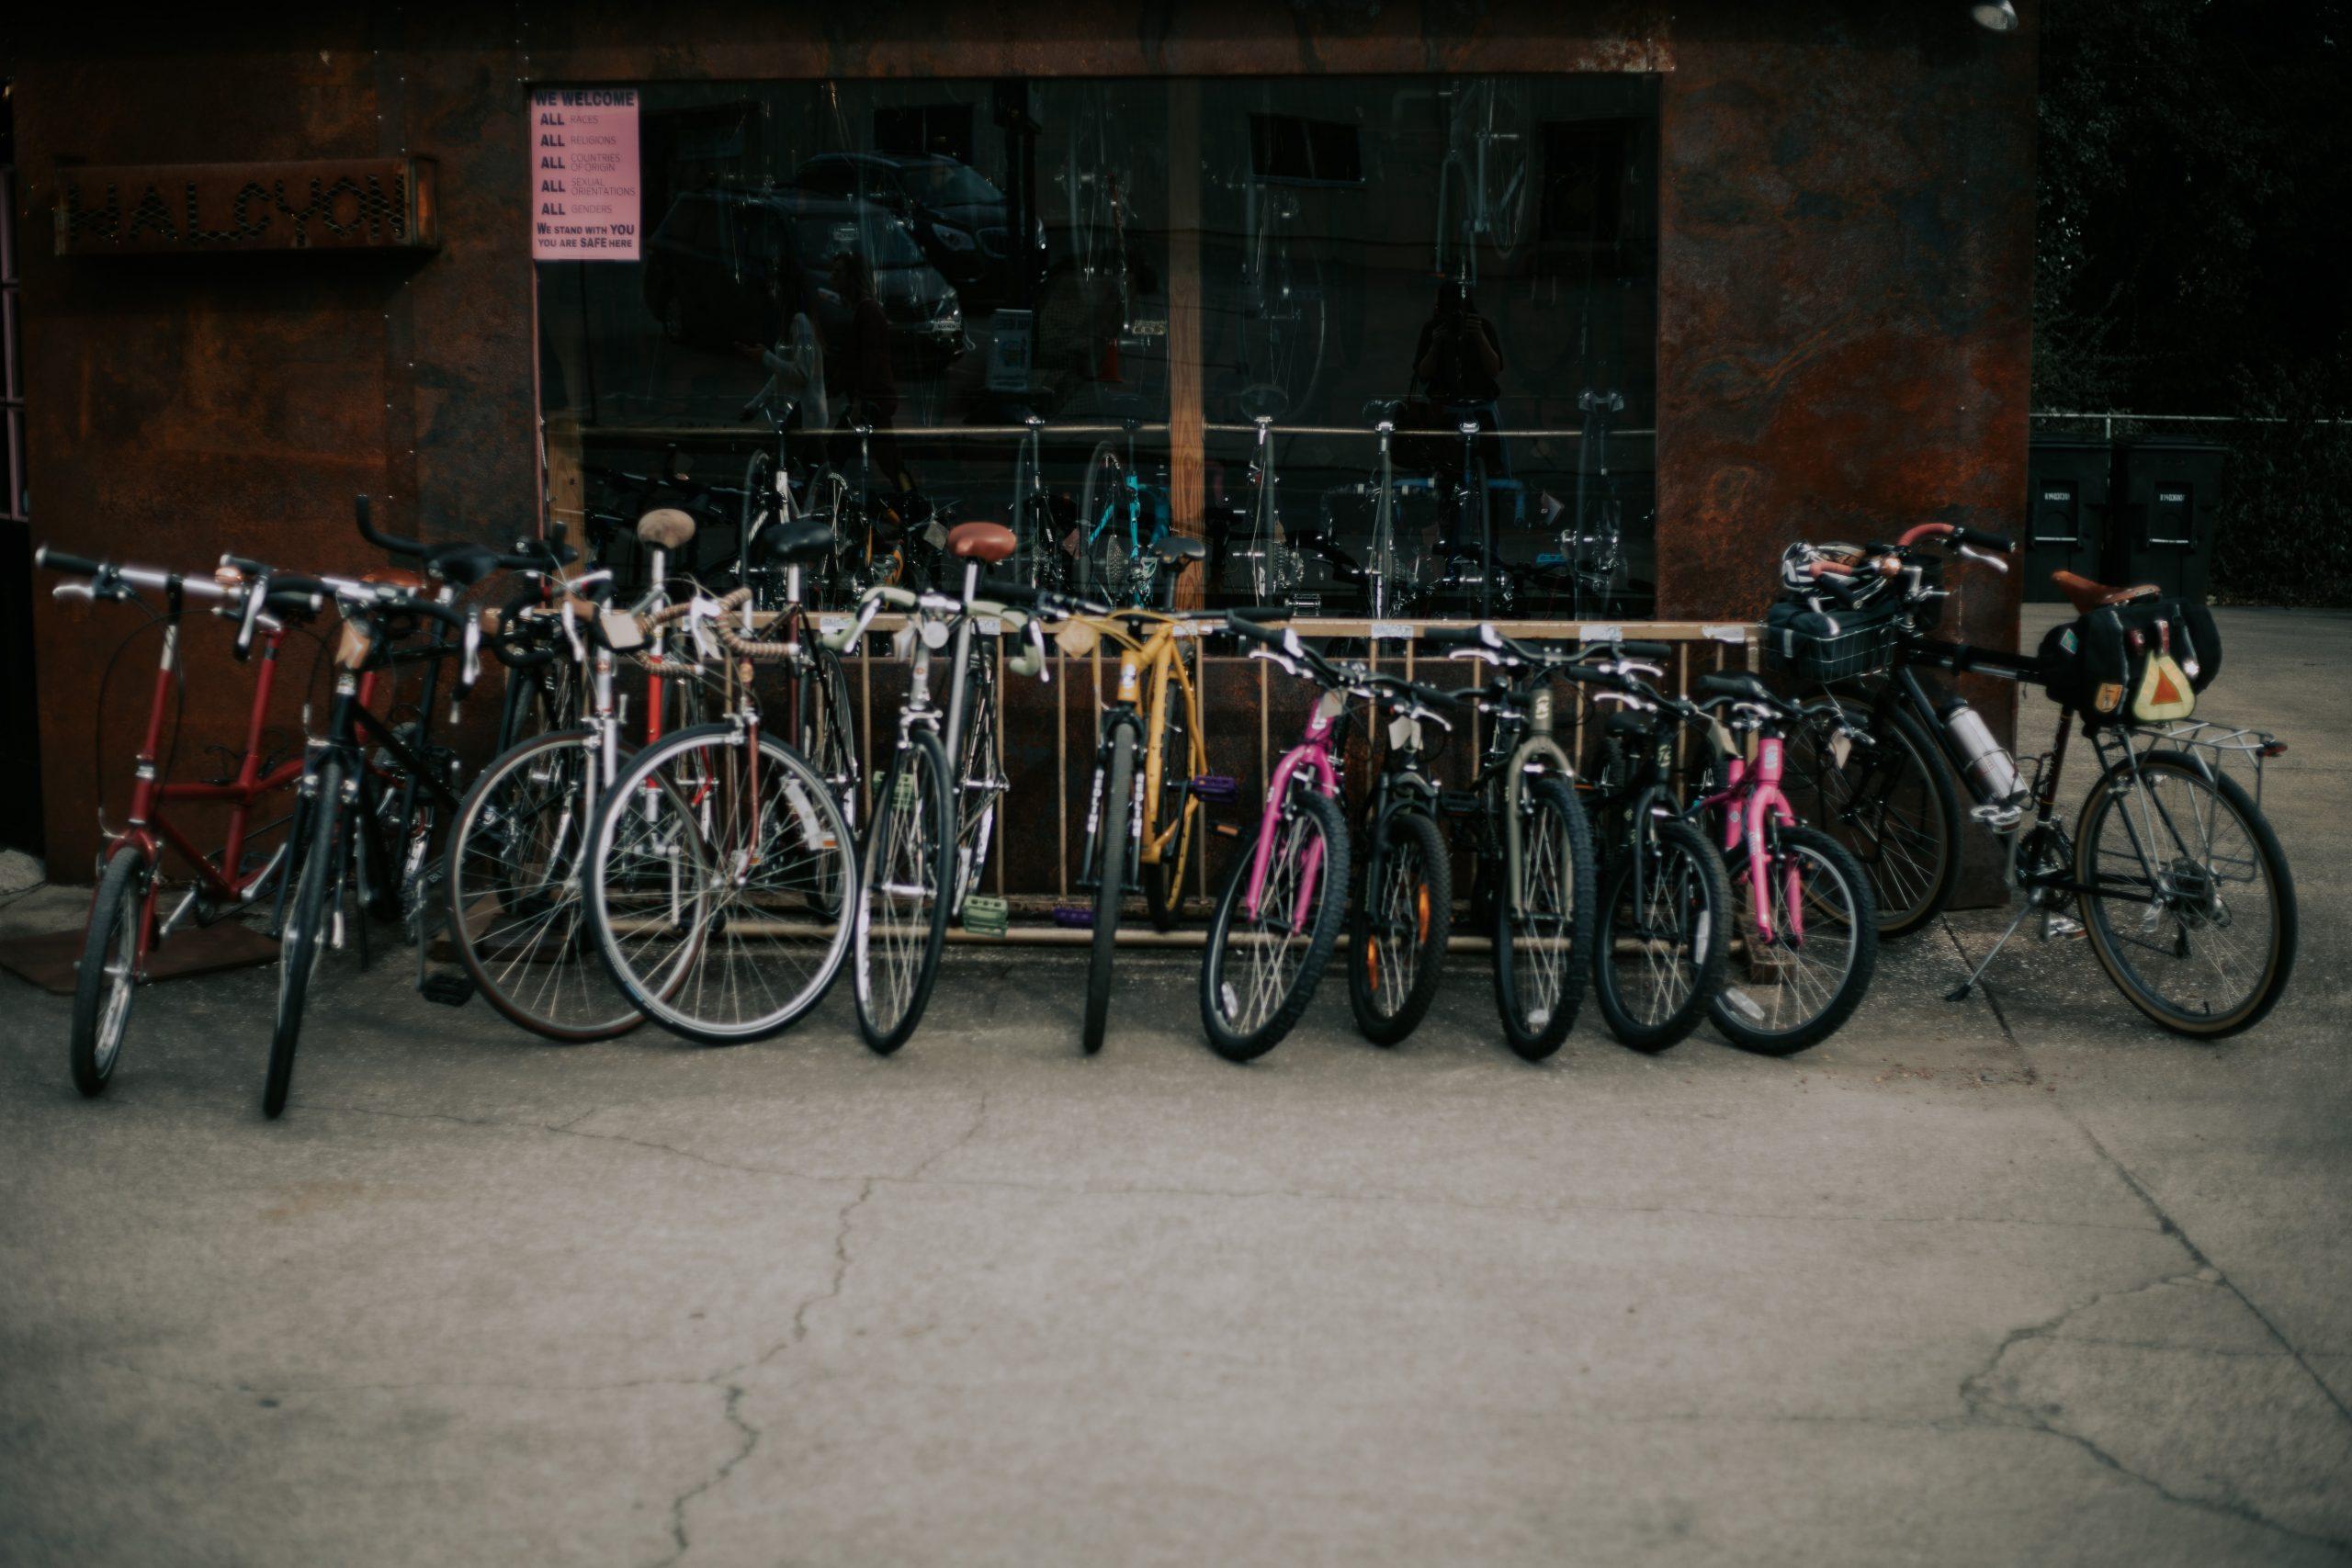 bicicletas estacionadas